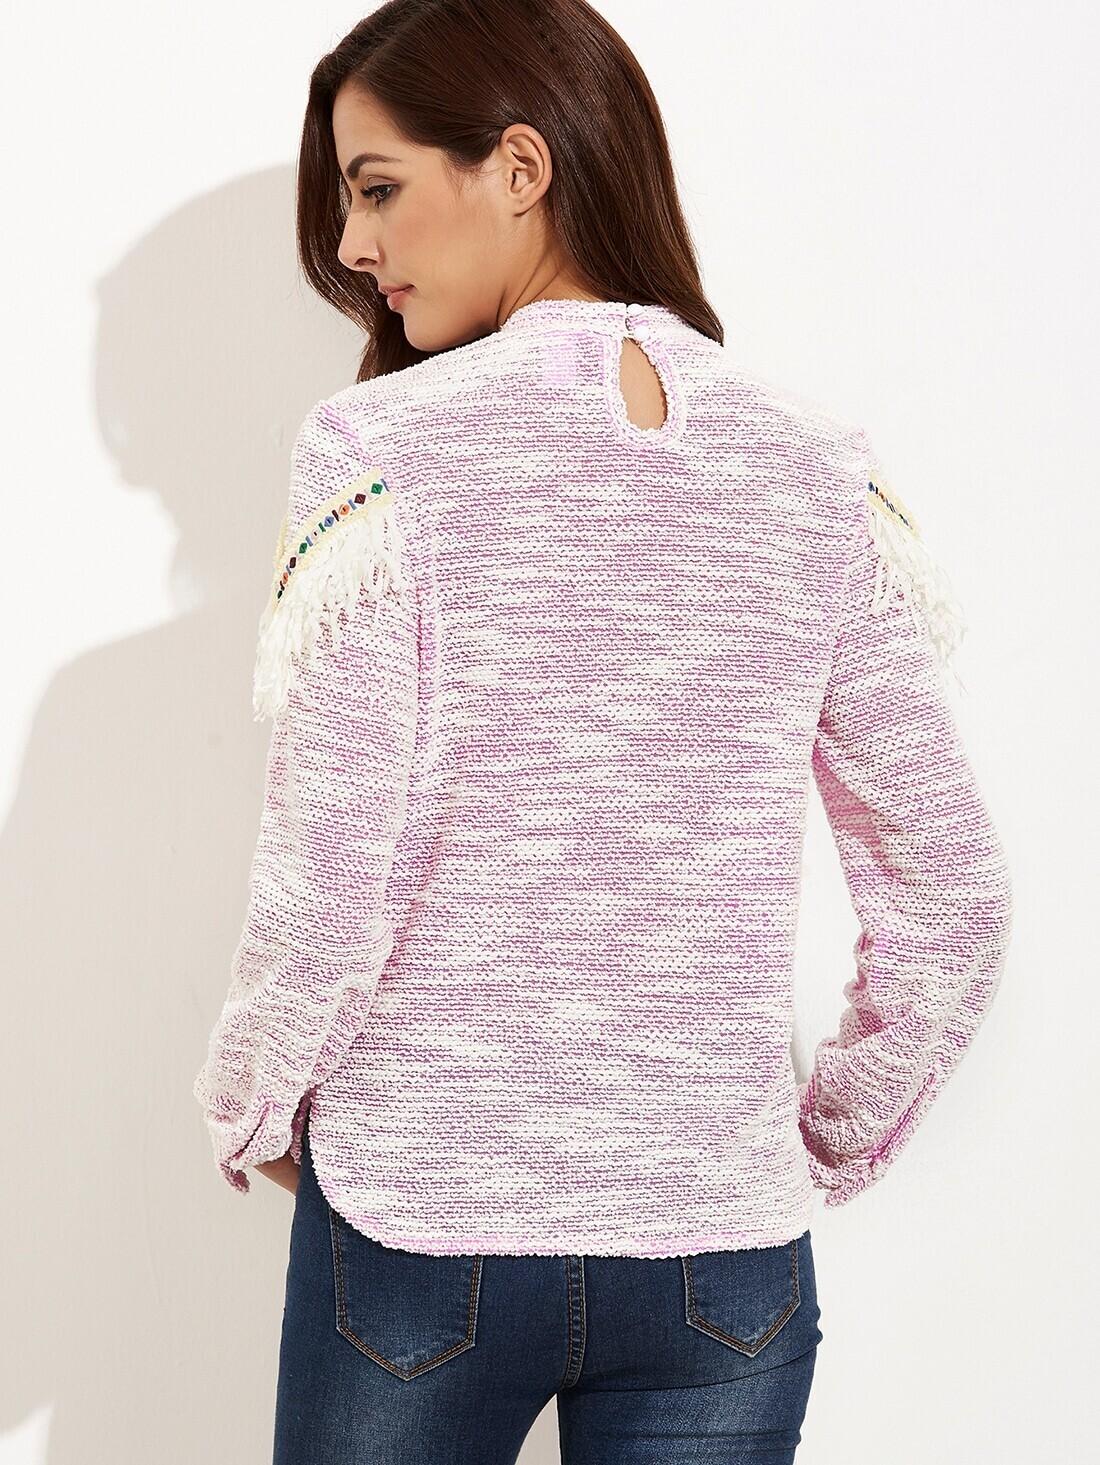 sweatshirt160824704_2